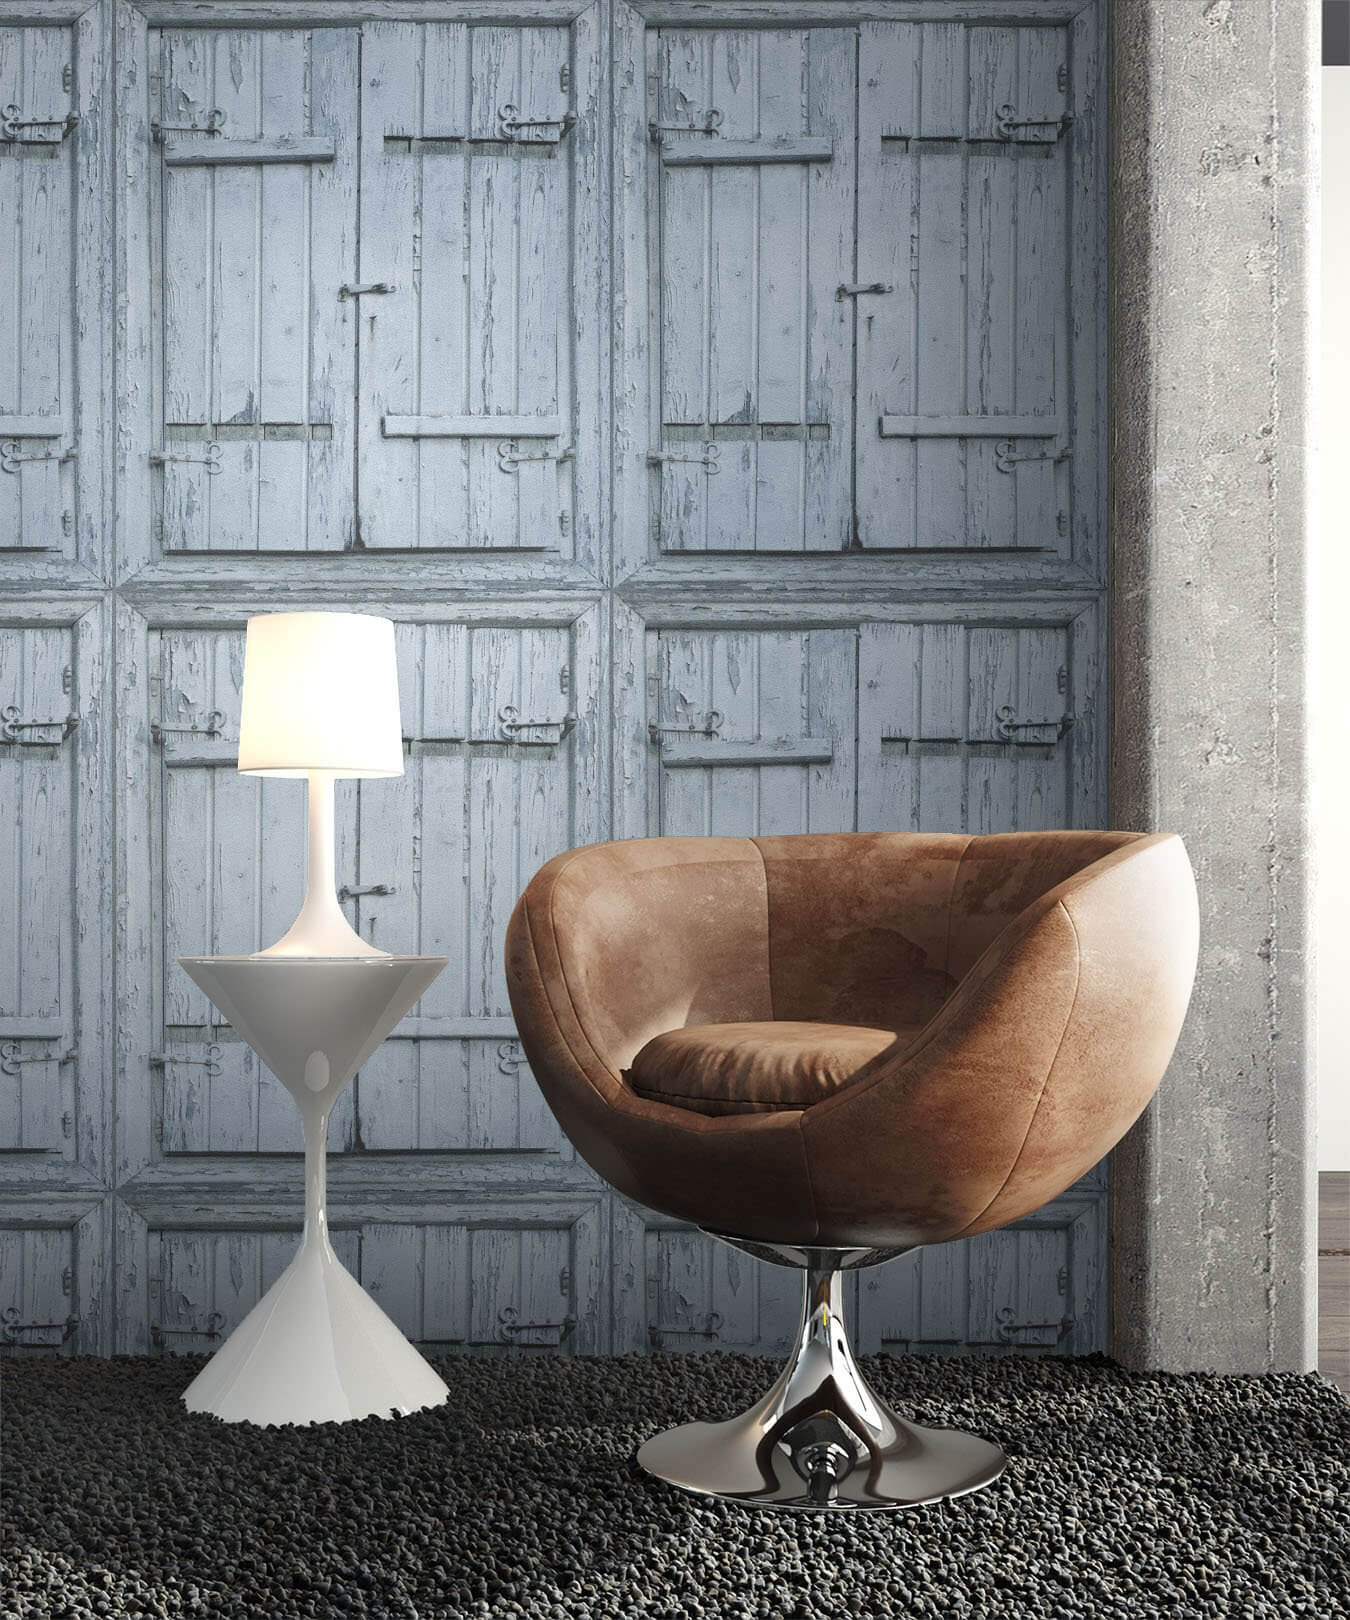 vliestapete blau landhaus holzbalken holz wohnen schlafen k che diele newroom. Black Bedroom Furniture Sets. Home Design Ideas